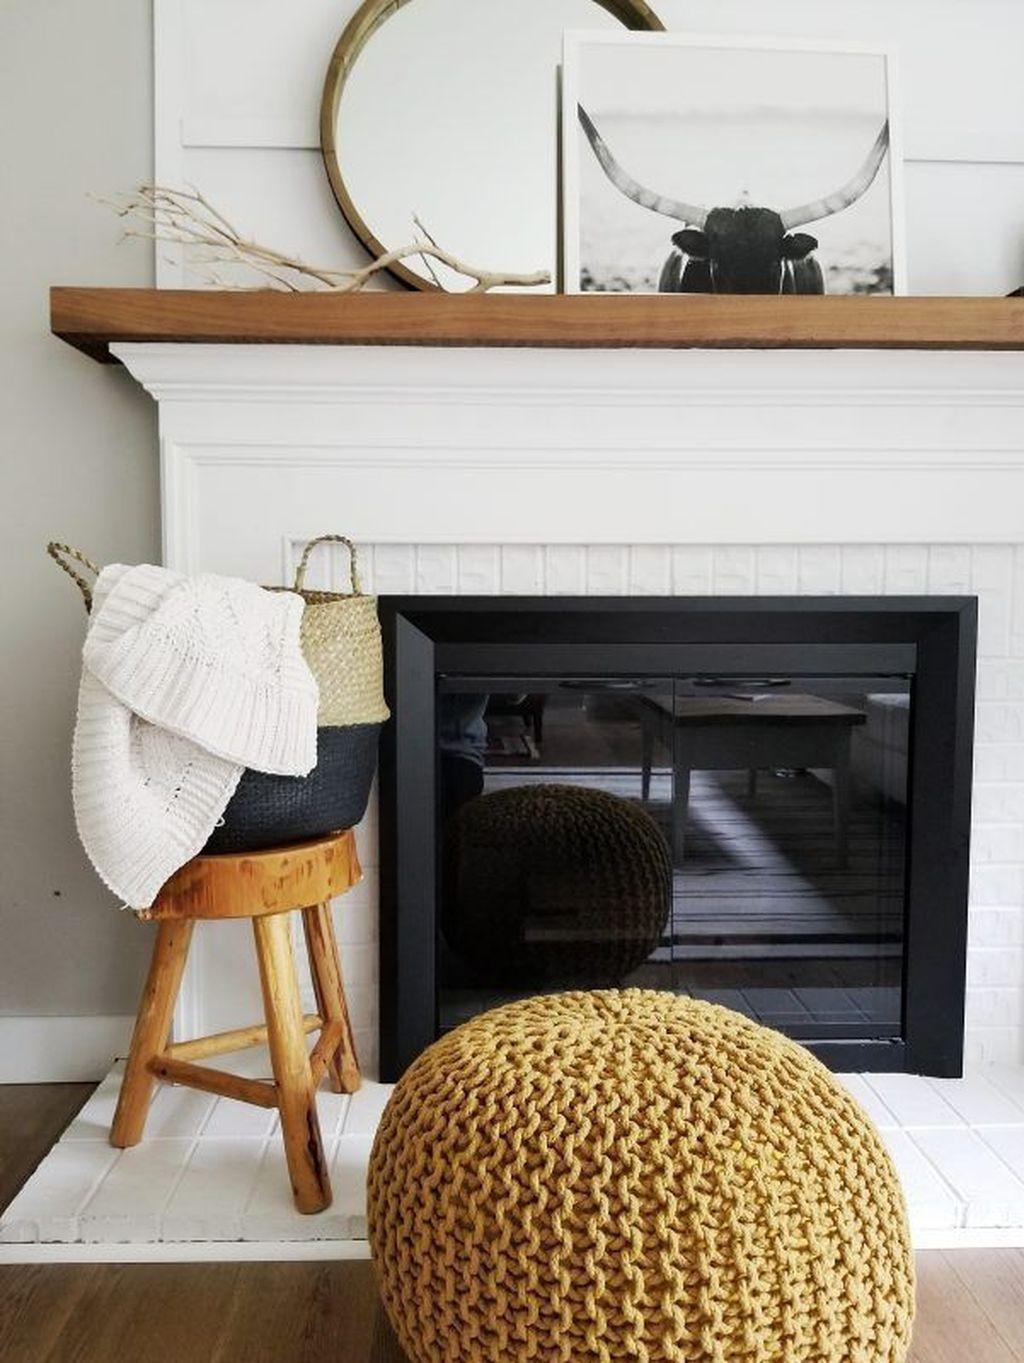 Inspiring Fall Living Room Decor Ideas On A Budget 20